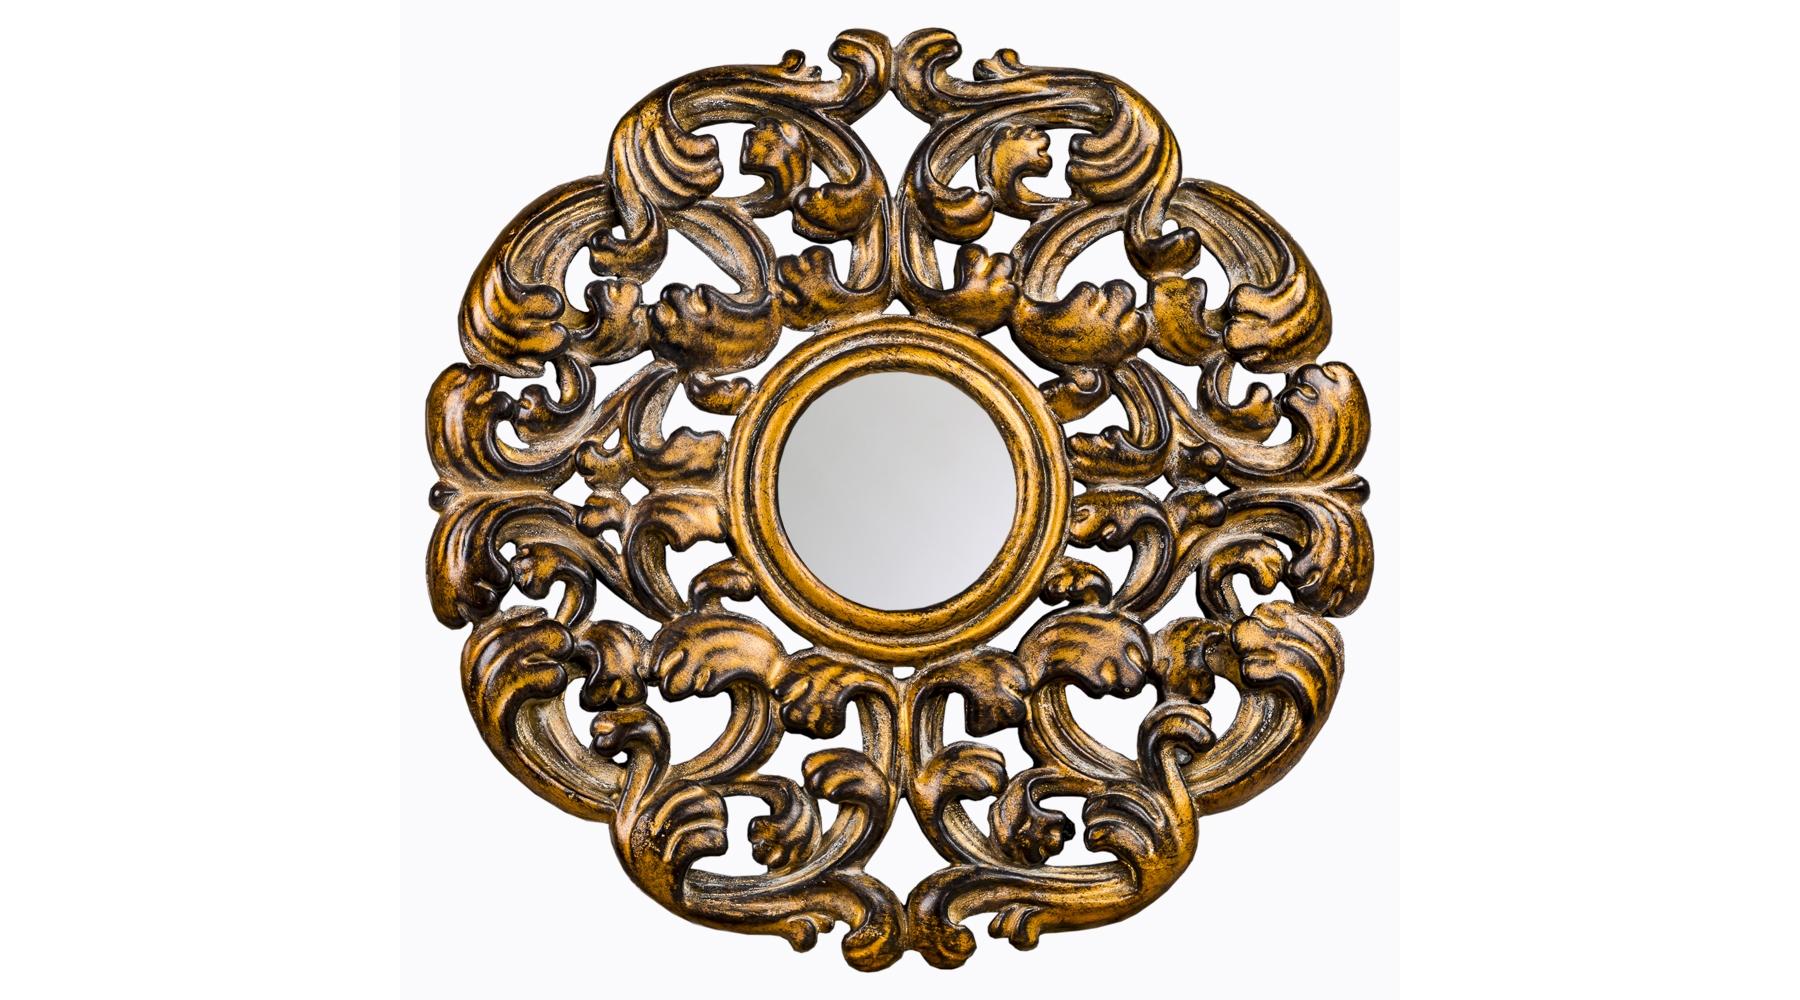 Настенное зеркало «Арабеск»Настенные зеркала<br>Это зеркало напоминает старинные арабески, покрытые золотом и потемневшие от времени. Такая вещица будет уместна в любом историческом жанровом интерьере: арабском, готическом, романском, рококо и барокко. Подойдет она и для помещений в более современных стилях эклектика и ар-деко. Рама изготовлена из мебельного полиуретана, очень прочного материала, который не крошится и не трескается, не боится влаги, не тускнеет и не выгорает на солнце. Зеркальная поверхность 5 мм толщиной покрыта слоем серебряной амальгамы.&amp;lt;div&amp;gt;&amp;lt;br&amp;gt;&amp;lt;/div&amp;gt;&amp;lt;div&amp;gt;Вес: 0,8 кг.&amp;lt;/div&amp;gt;<br><br>Material: Полиуретан